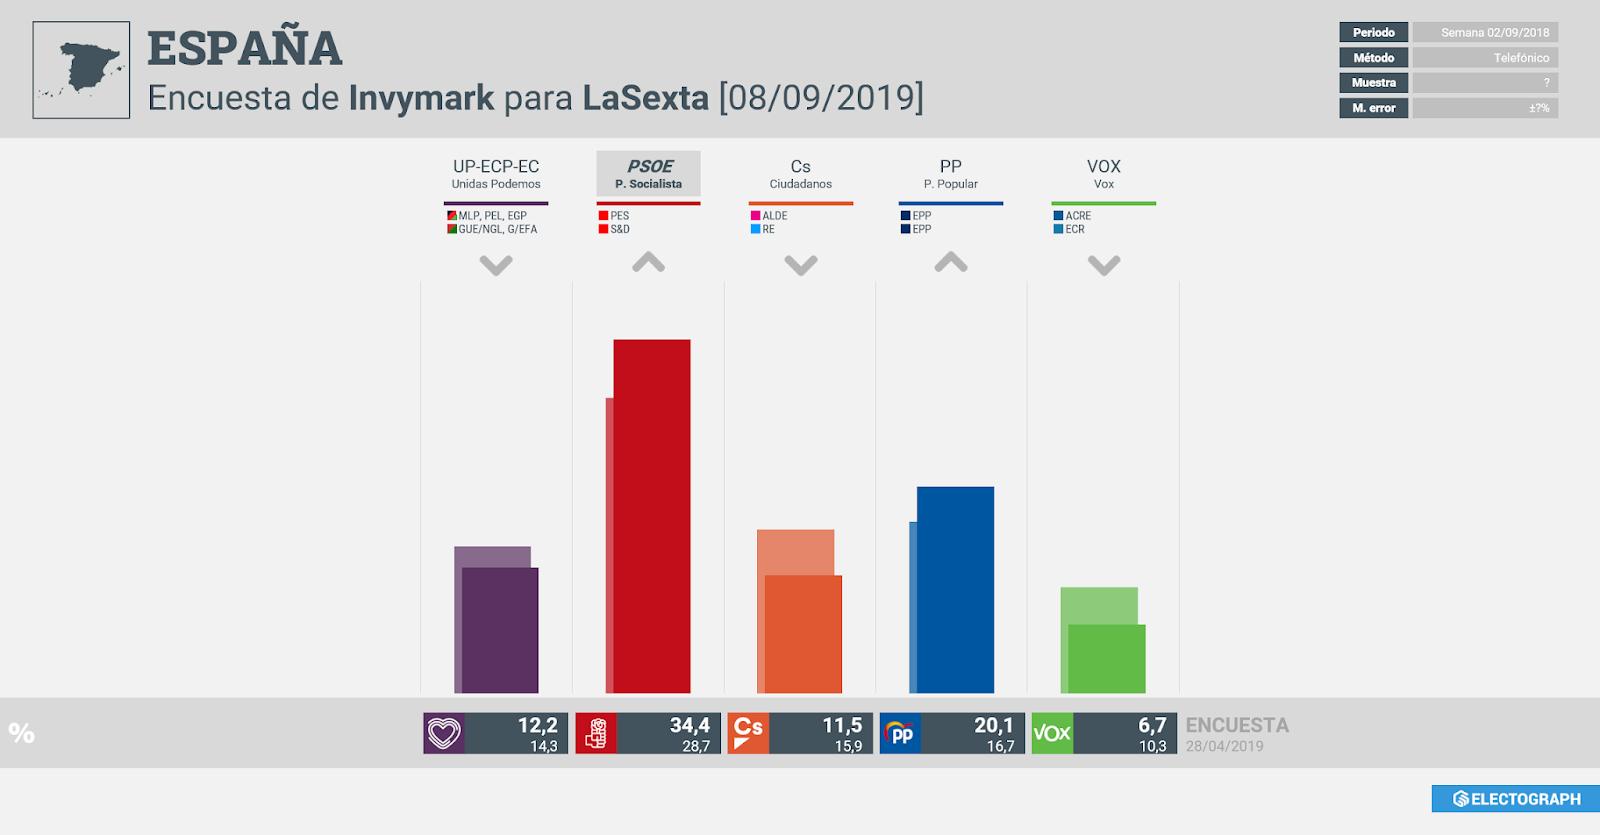 Gráfico de la encuesta para elecciones generales en España realizada por Invymark para LaSexta, 8 de septiembre de 2019